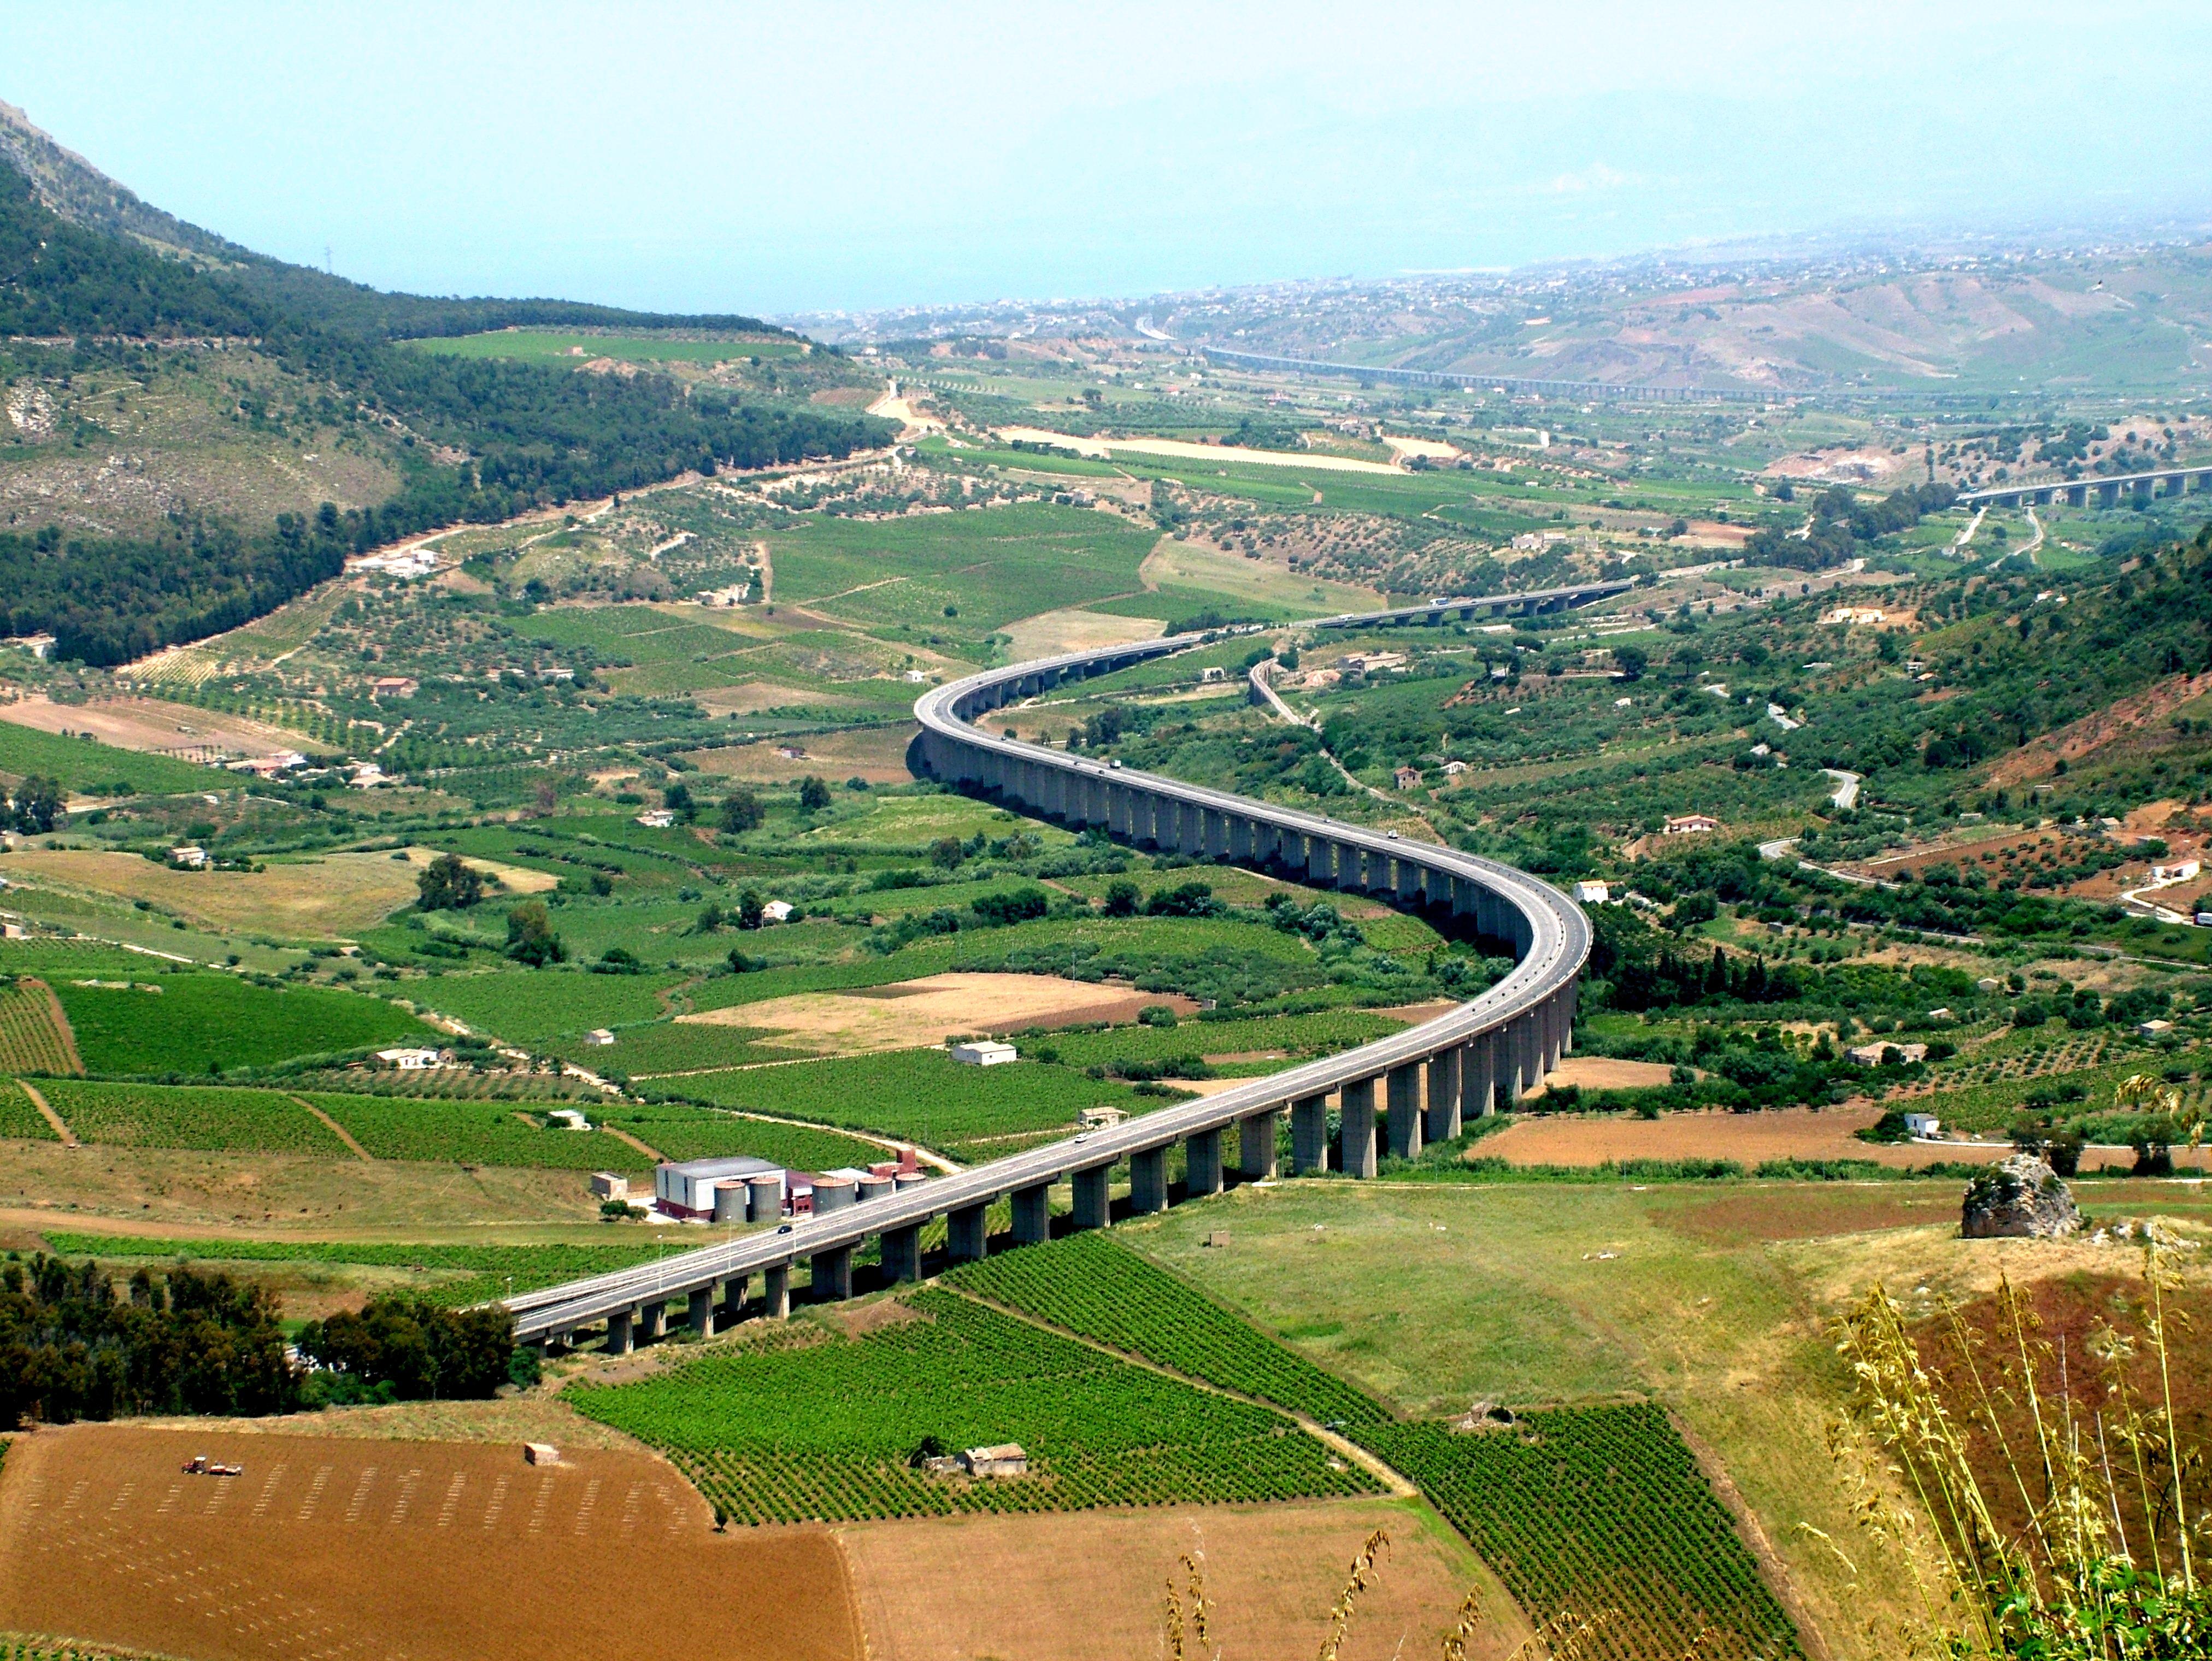 بلدة سبيرفيش Sizilien_Autobahn_A29DIR